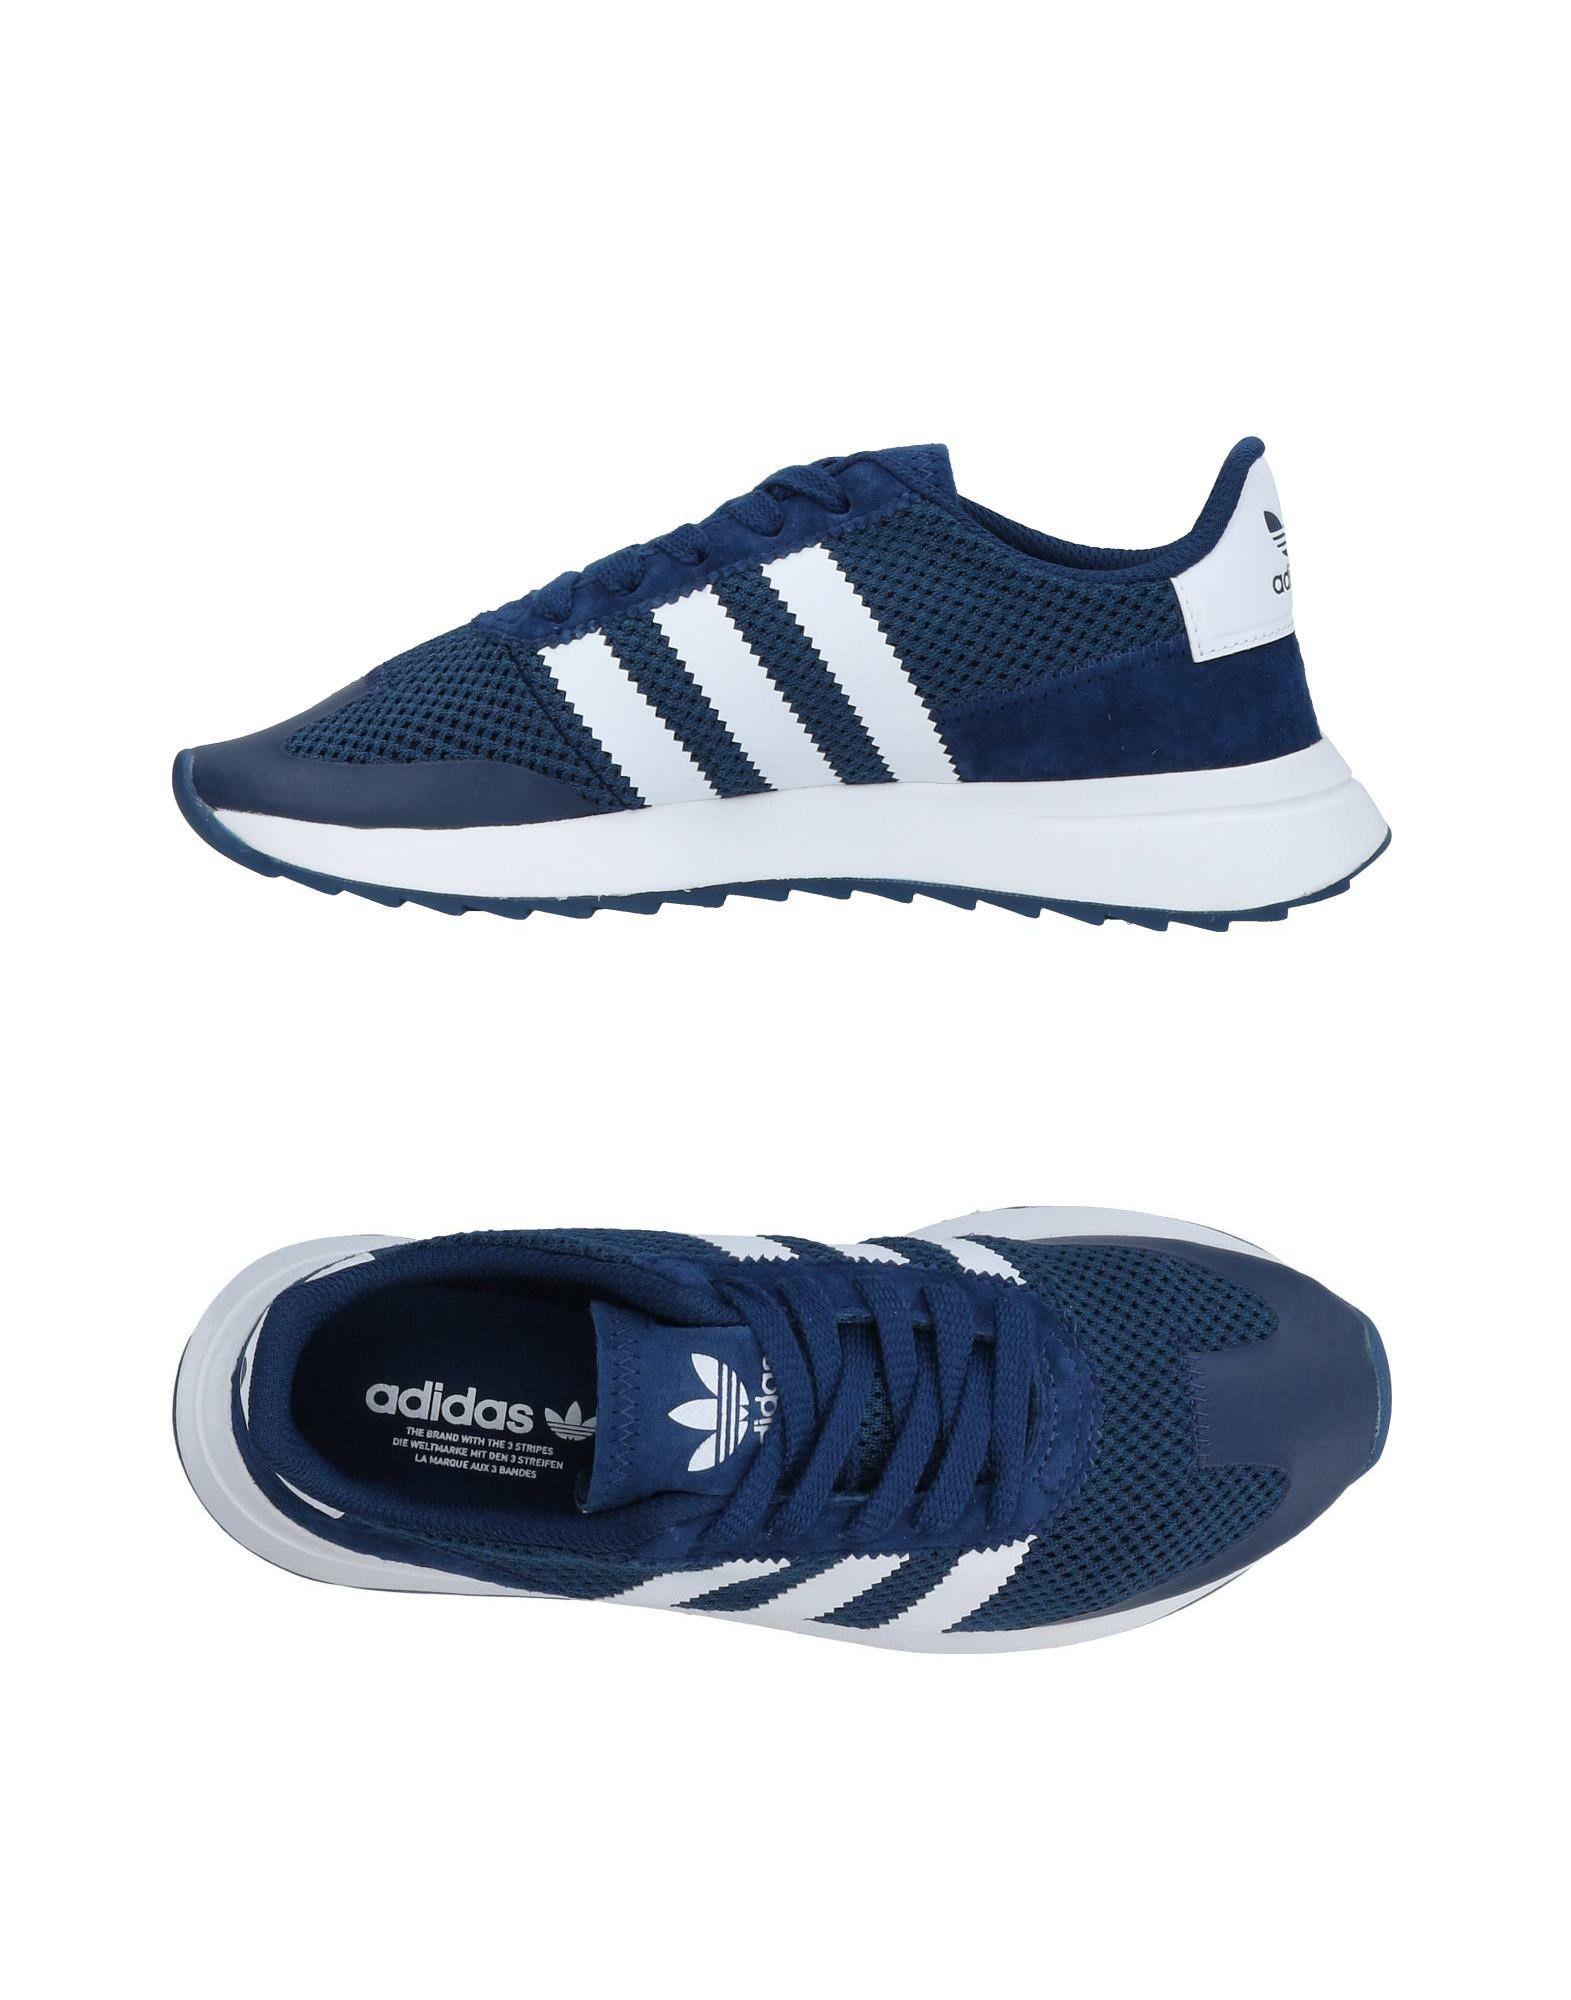 Baskets Adidas Originals Femme - Baskets Adidas Originals Bleu Les chaussures les plus populaires pour les hommes et les femmes